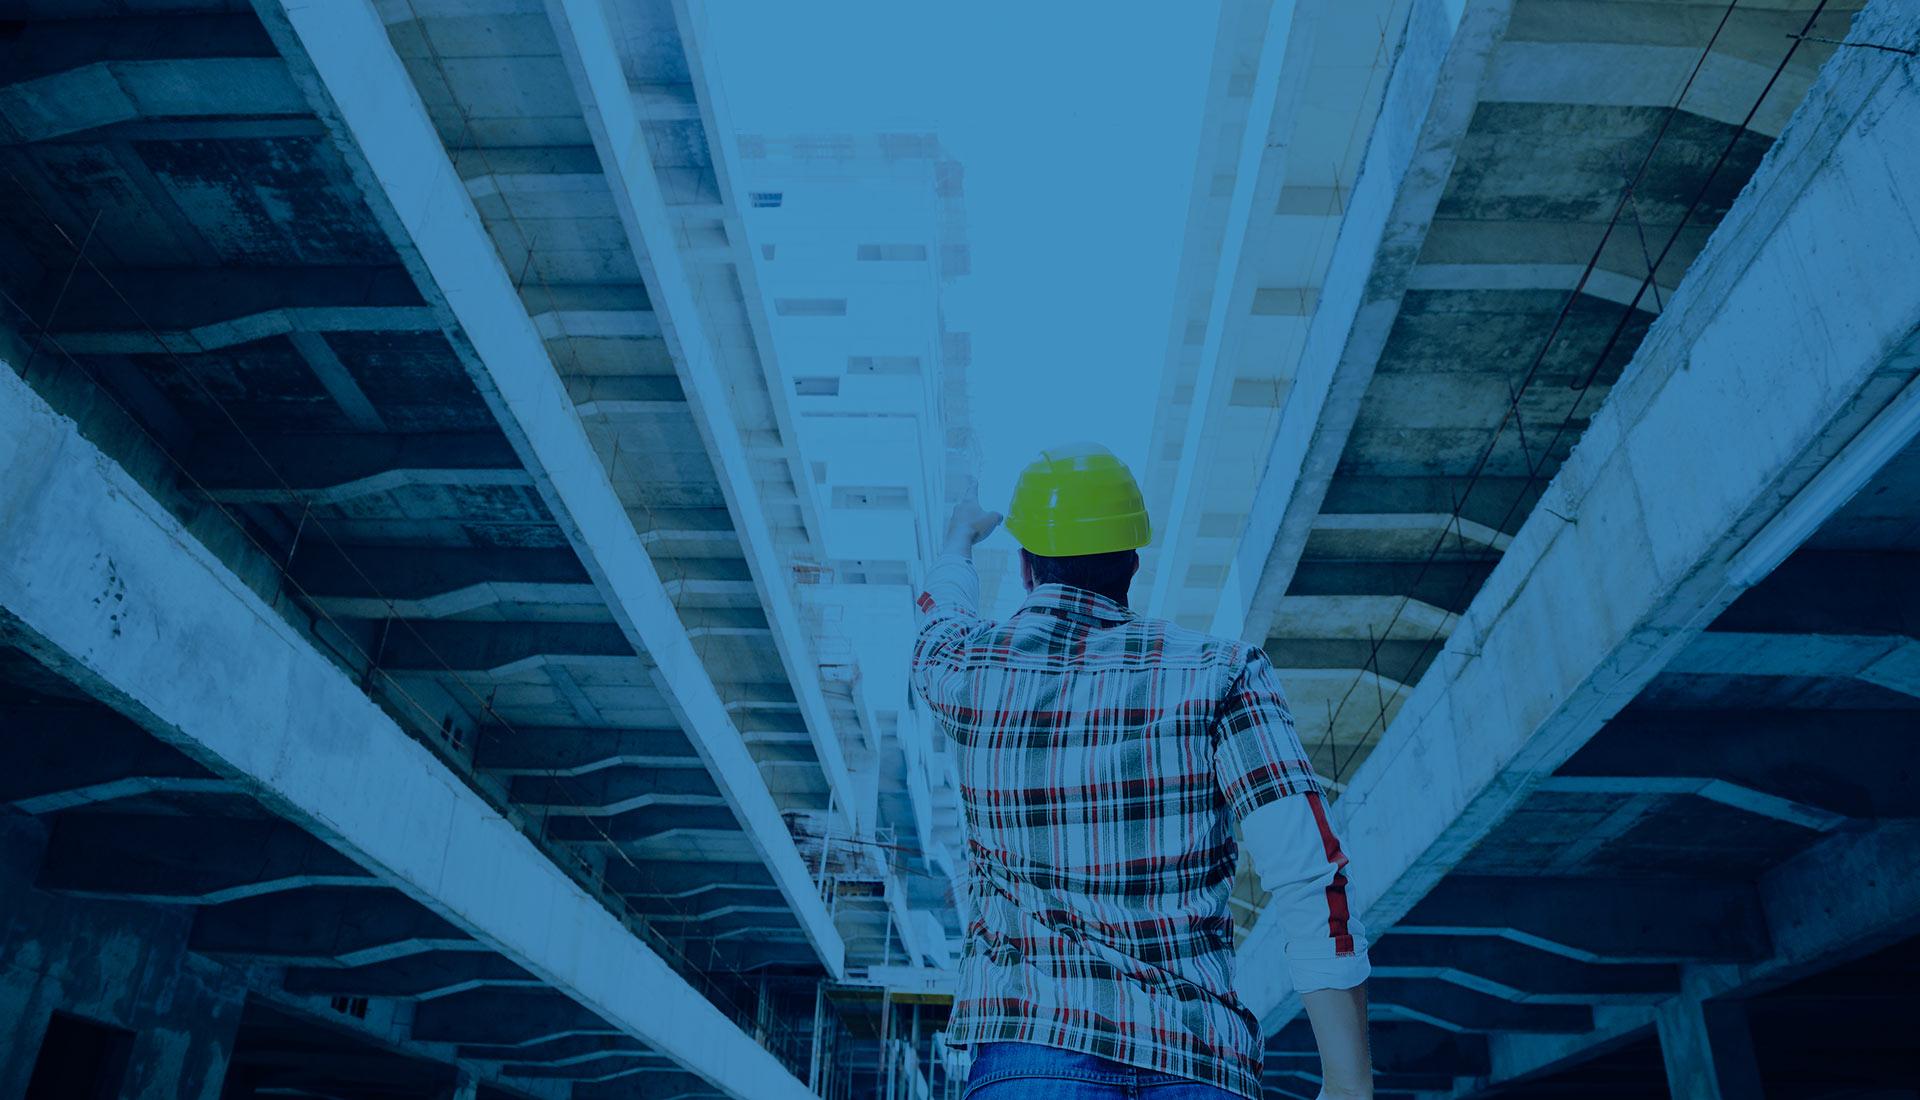 Proyectos de ingeniería, geotecnia, cimentacion con pilotes - Clever Solutions